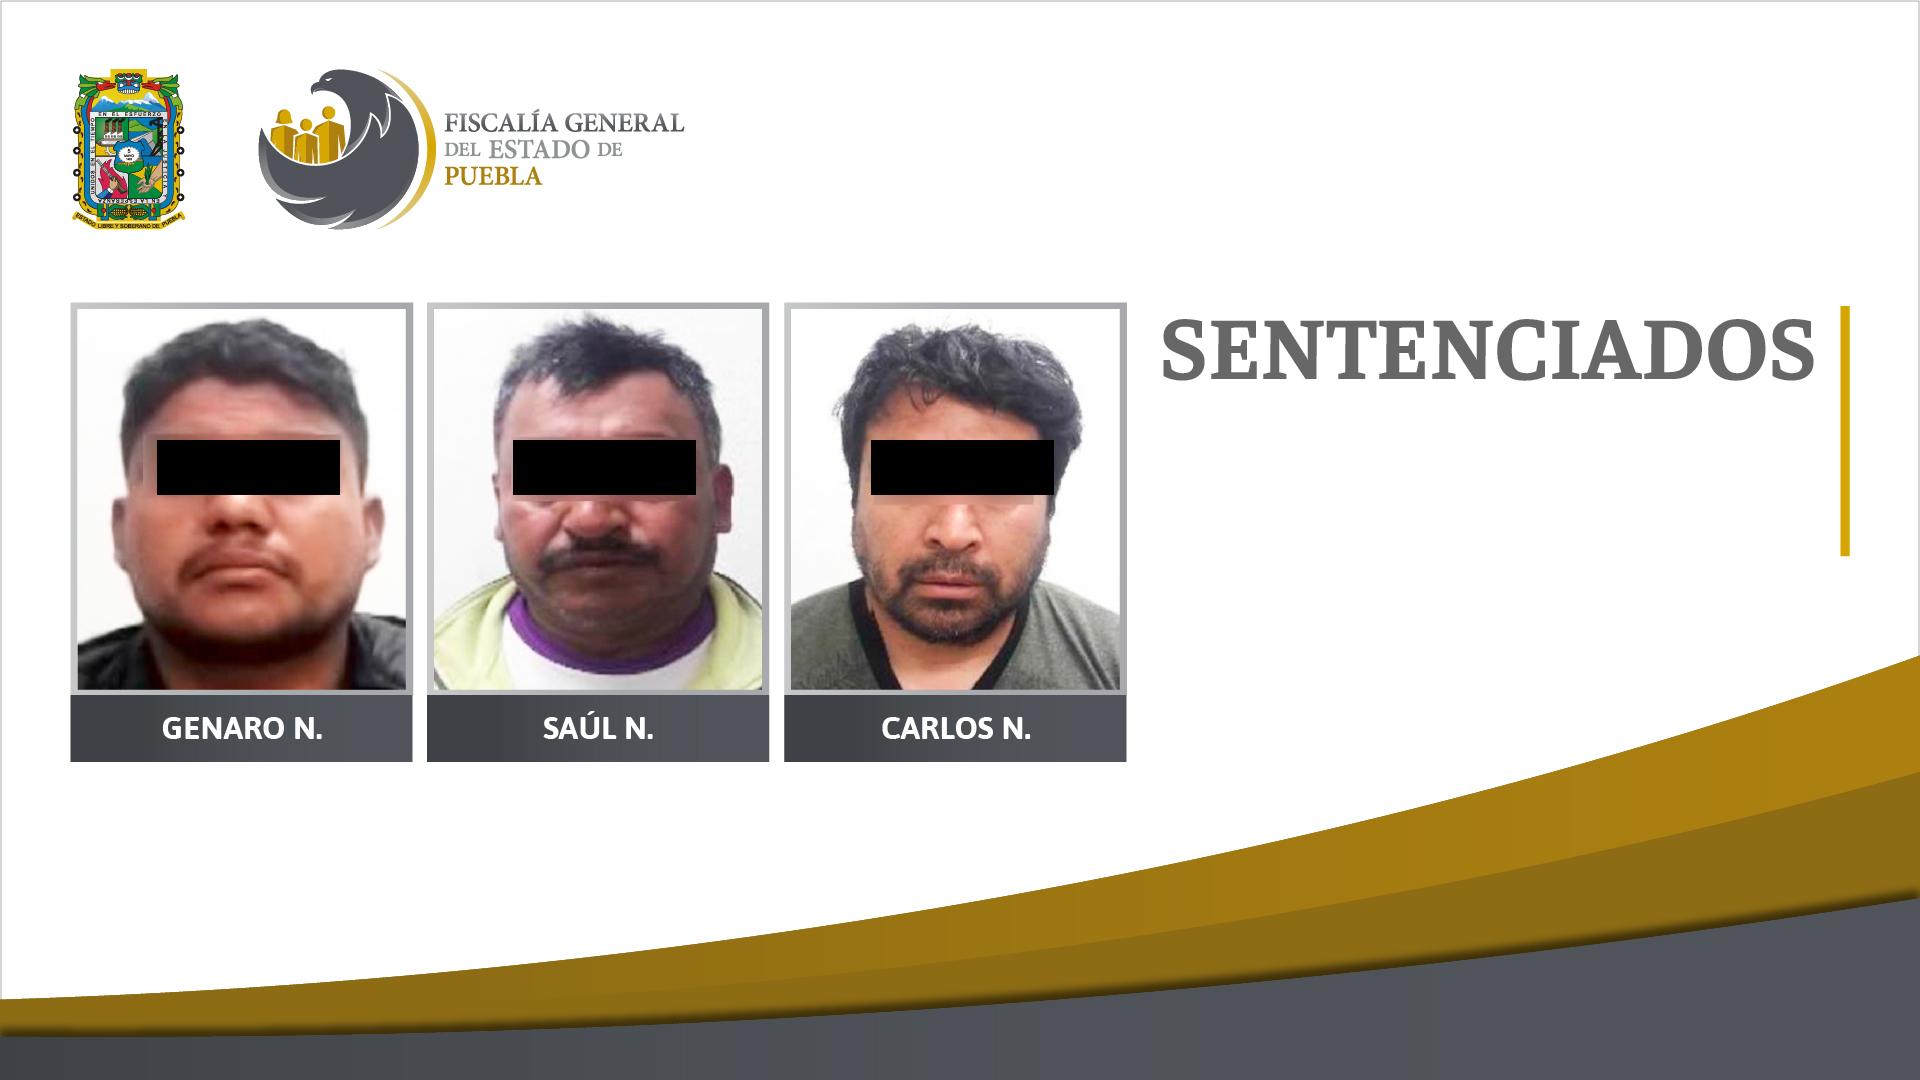 Secuestraron y mataron a un hombre en Teziutlán; les dan 40 años de cárcel